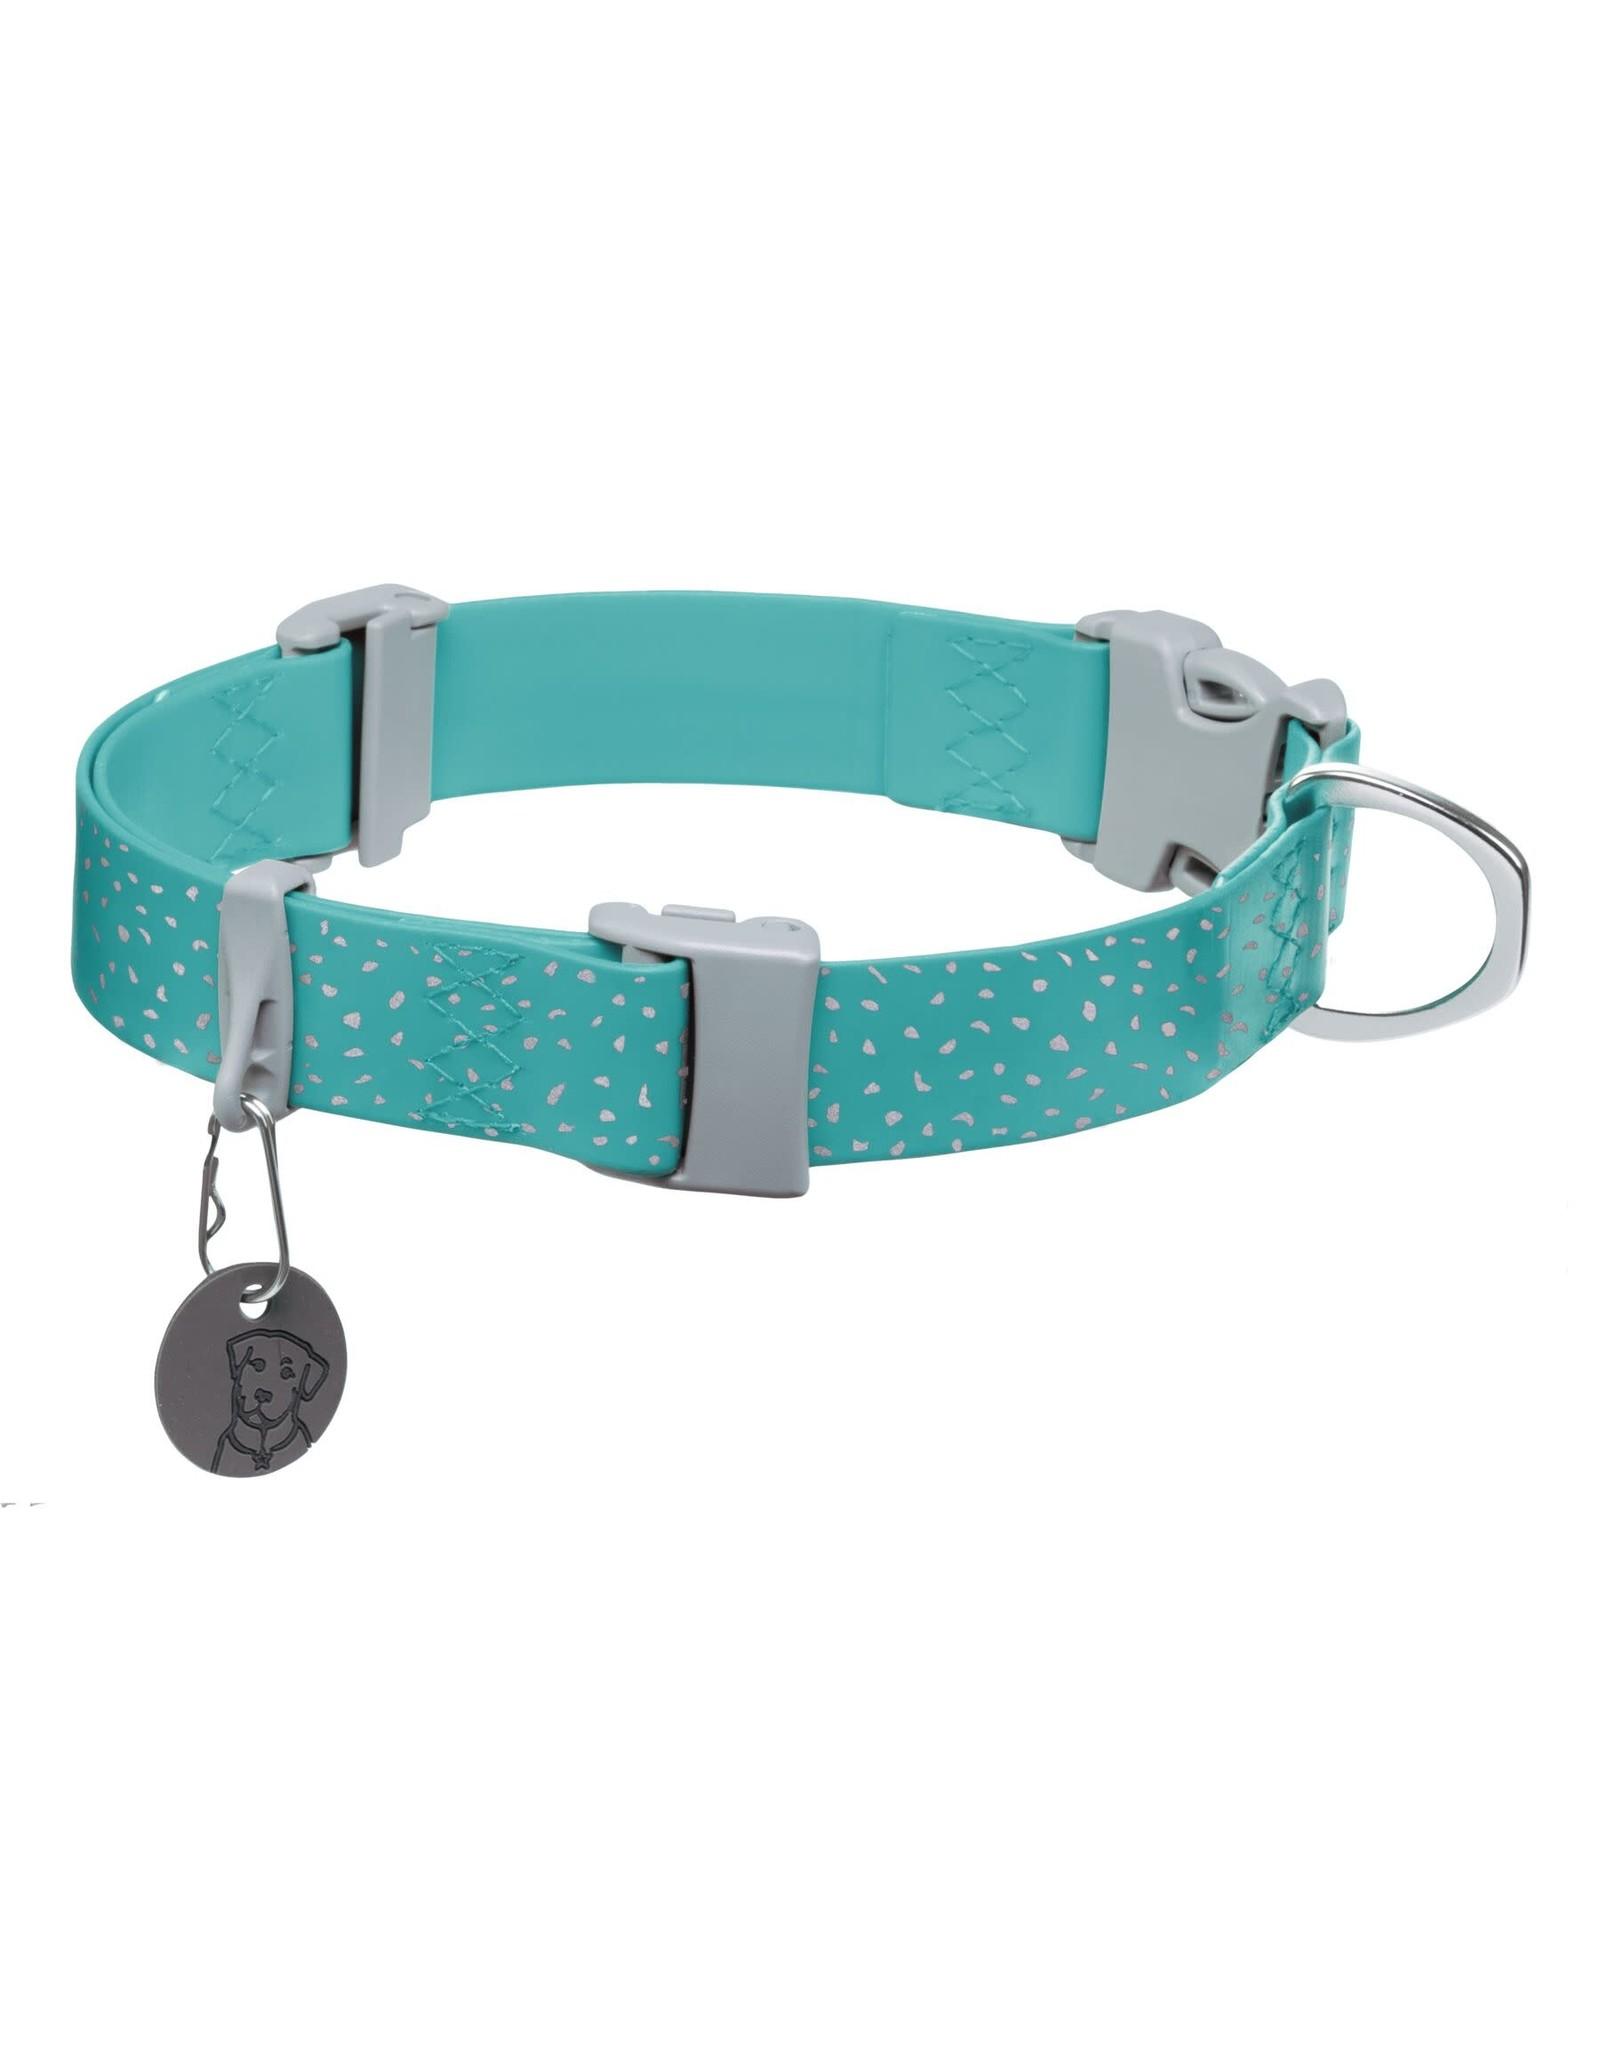 Ruffwear Confluence Collar: Aurora Teal, 14 - 20 in